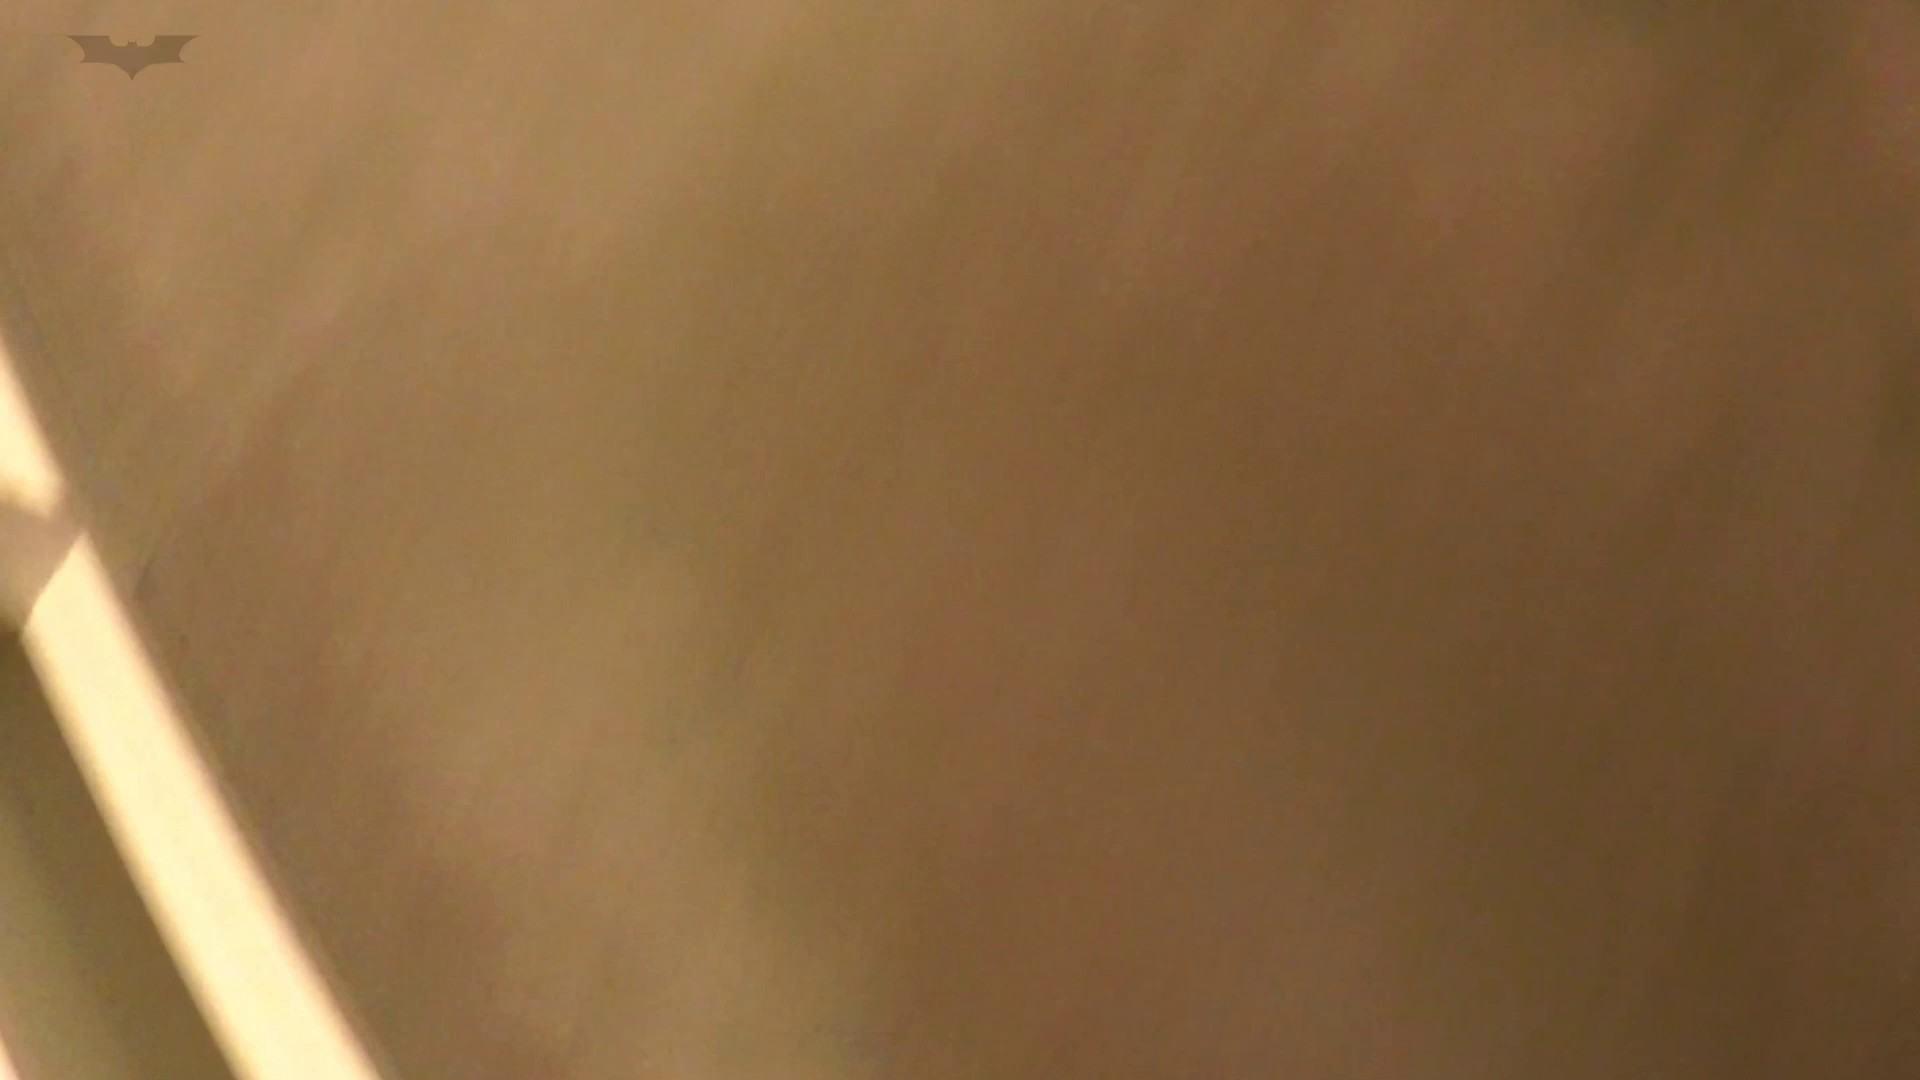 悪戯ネットカフェ Vol14 よく似ているJDにかけちゃった。 美乳 | 丸見えマンコ  95画像 1